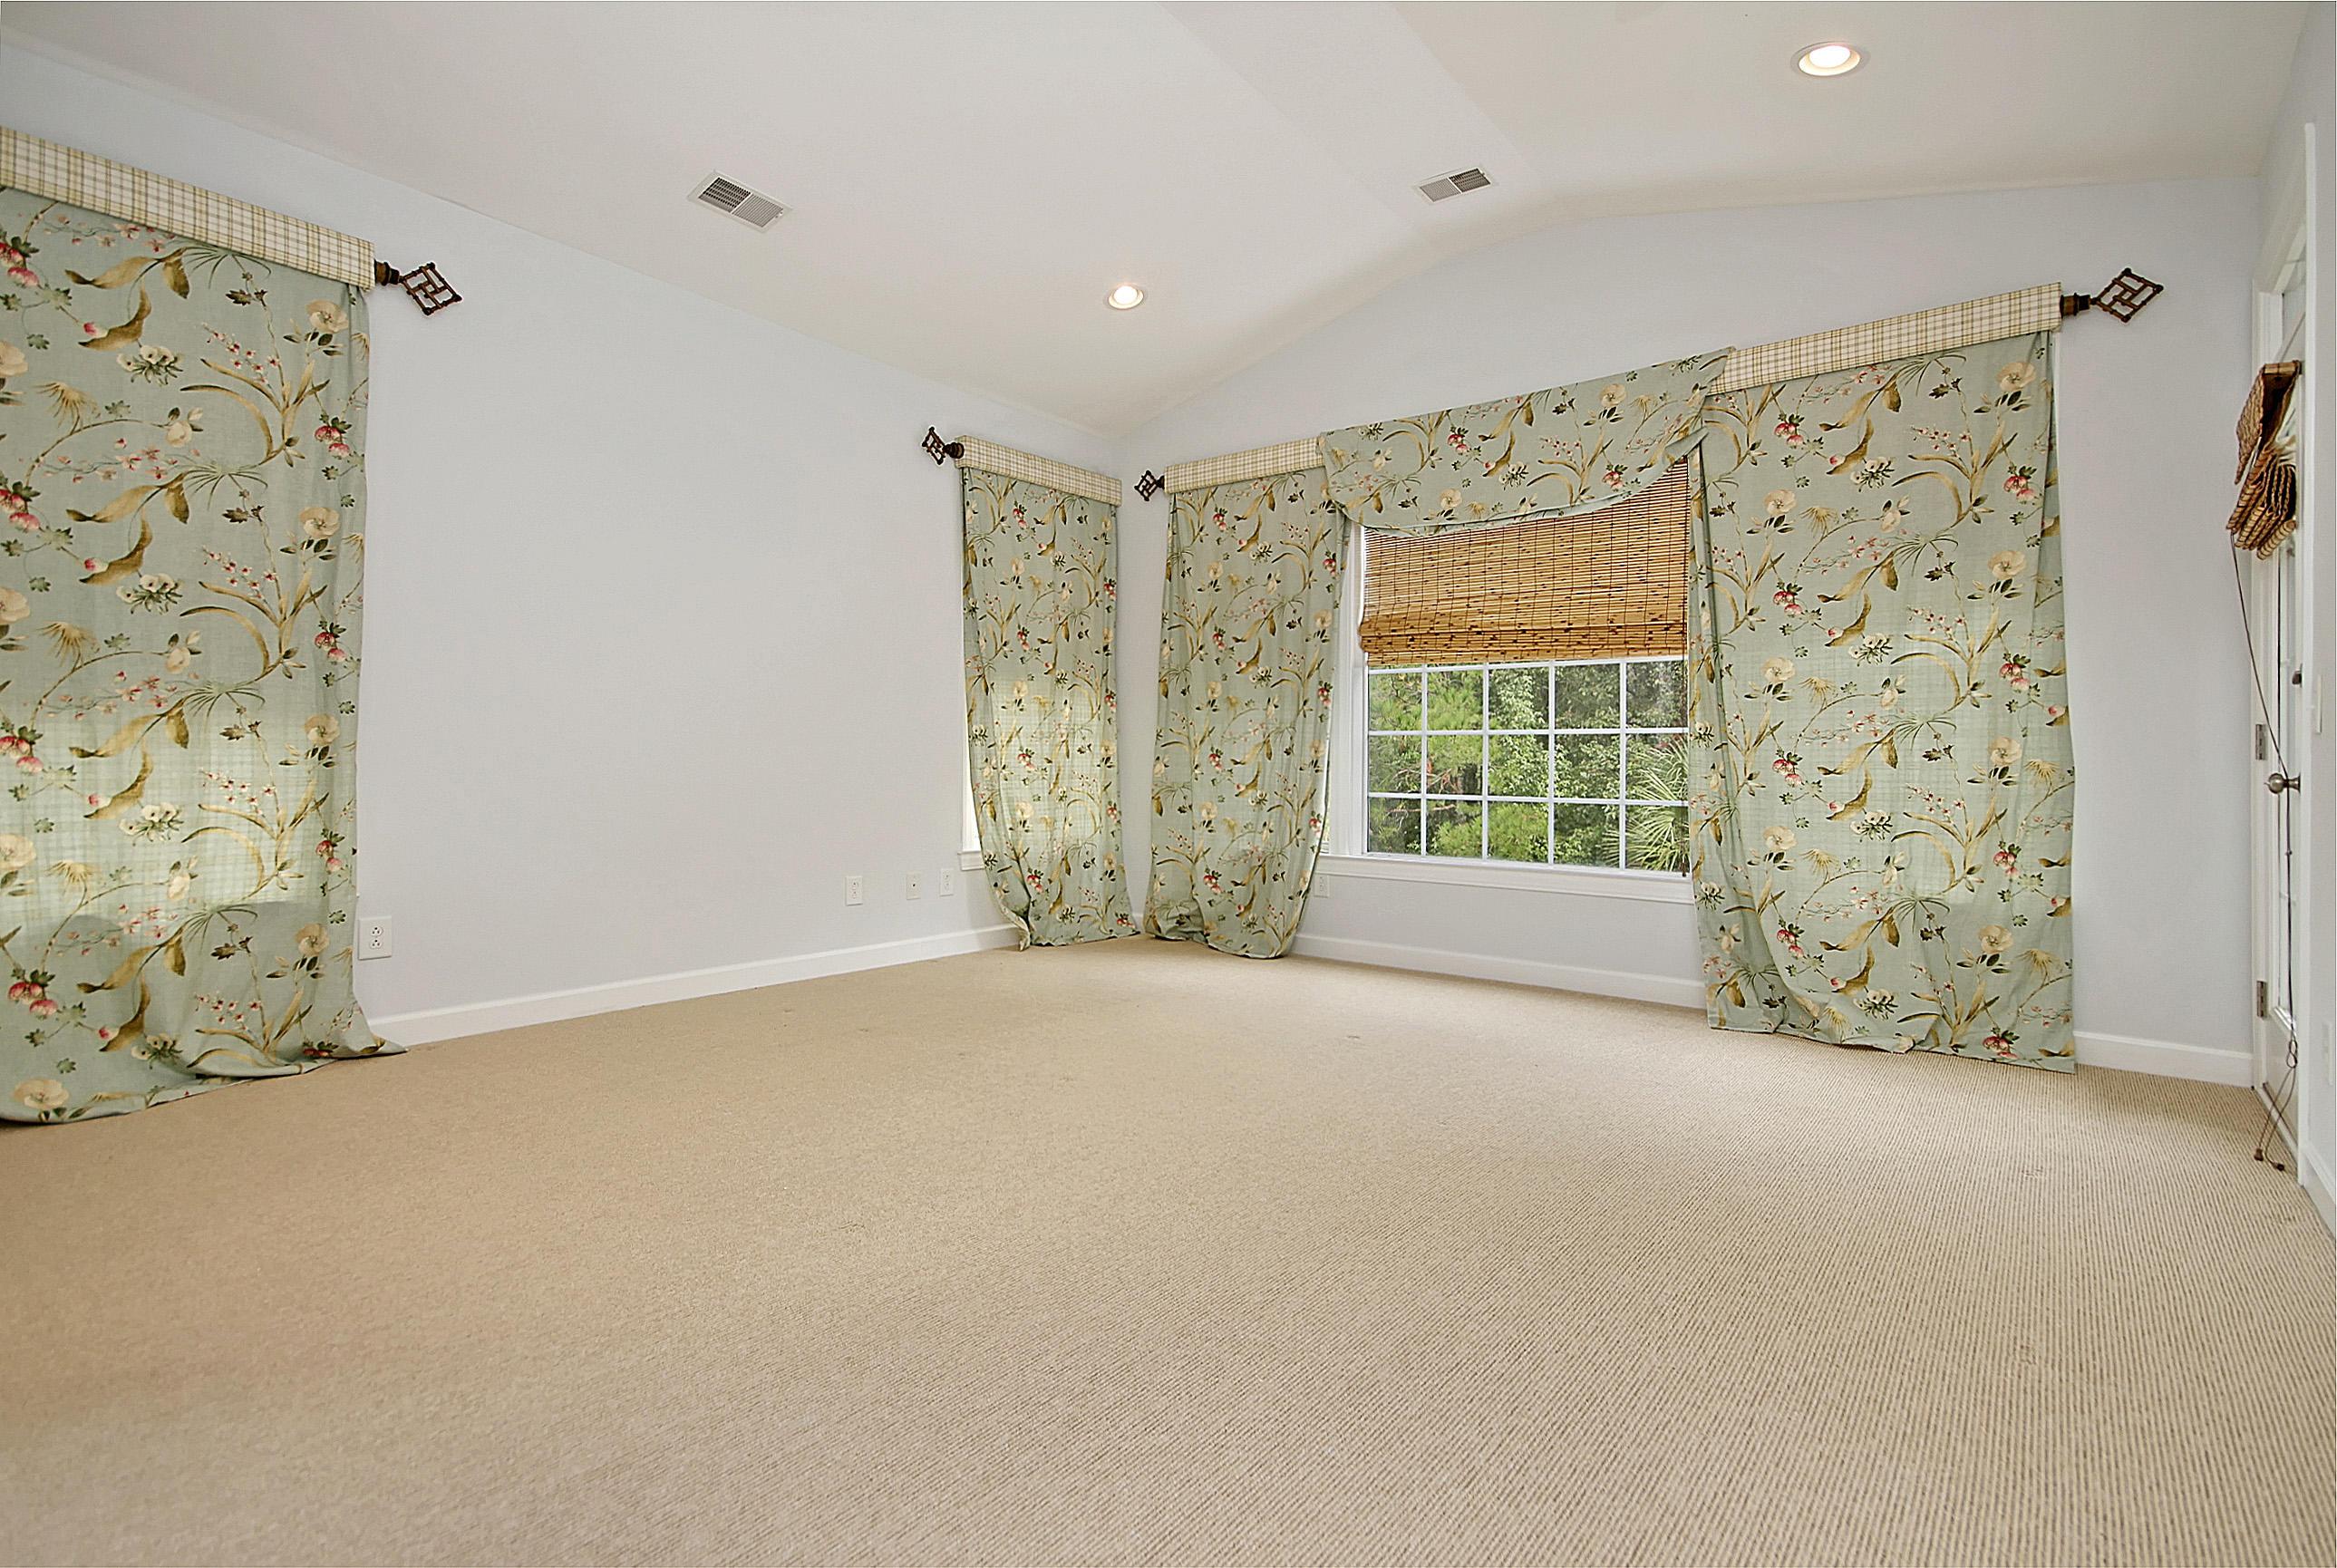 Dunes West Homes For Sale - 148 Palm Cove, Mount Pleasant, SC - 23